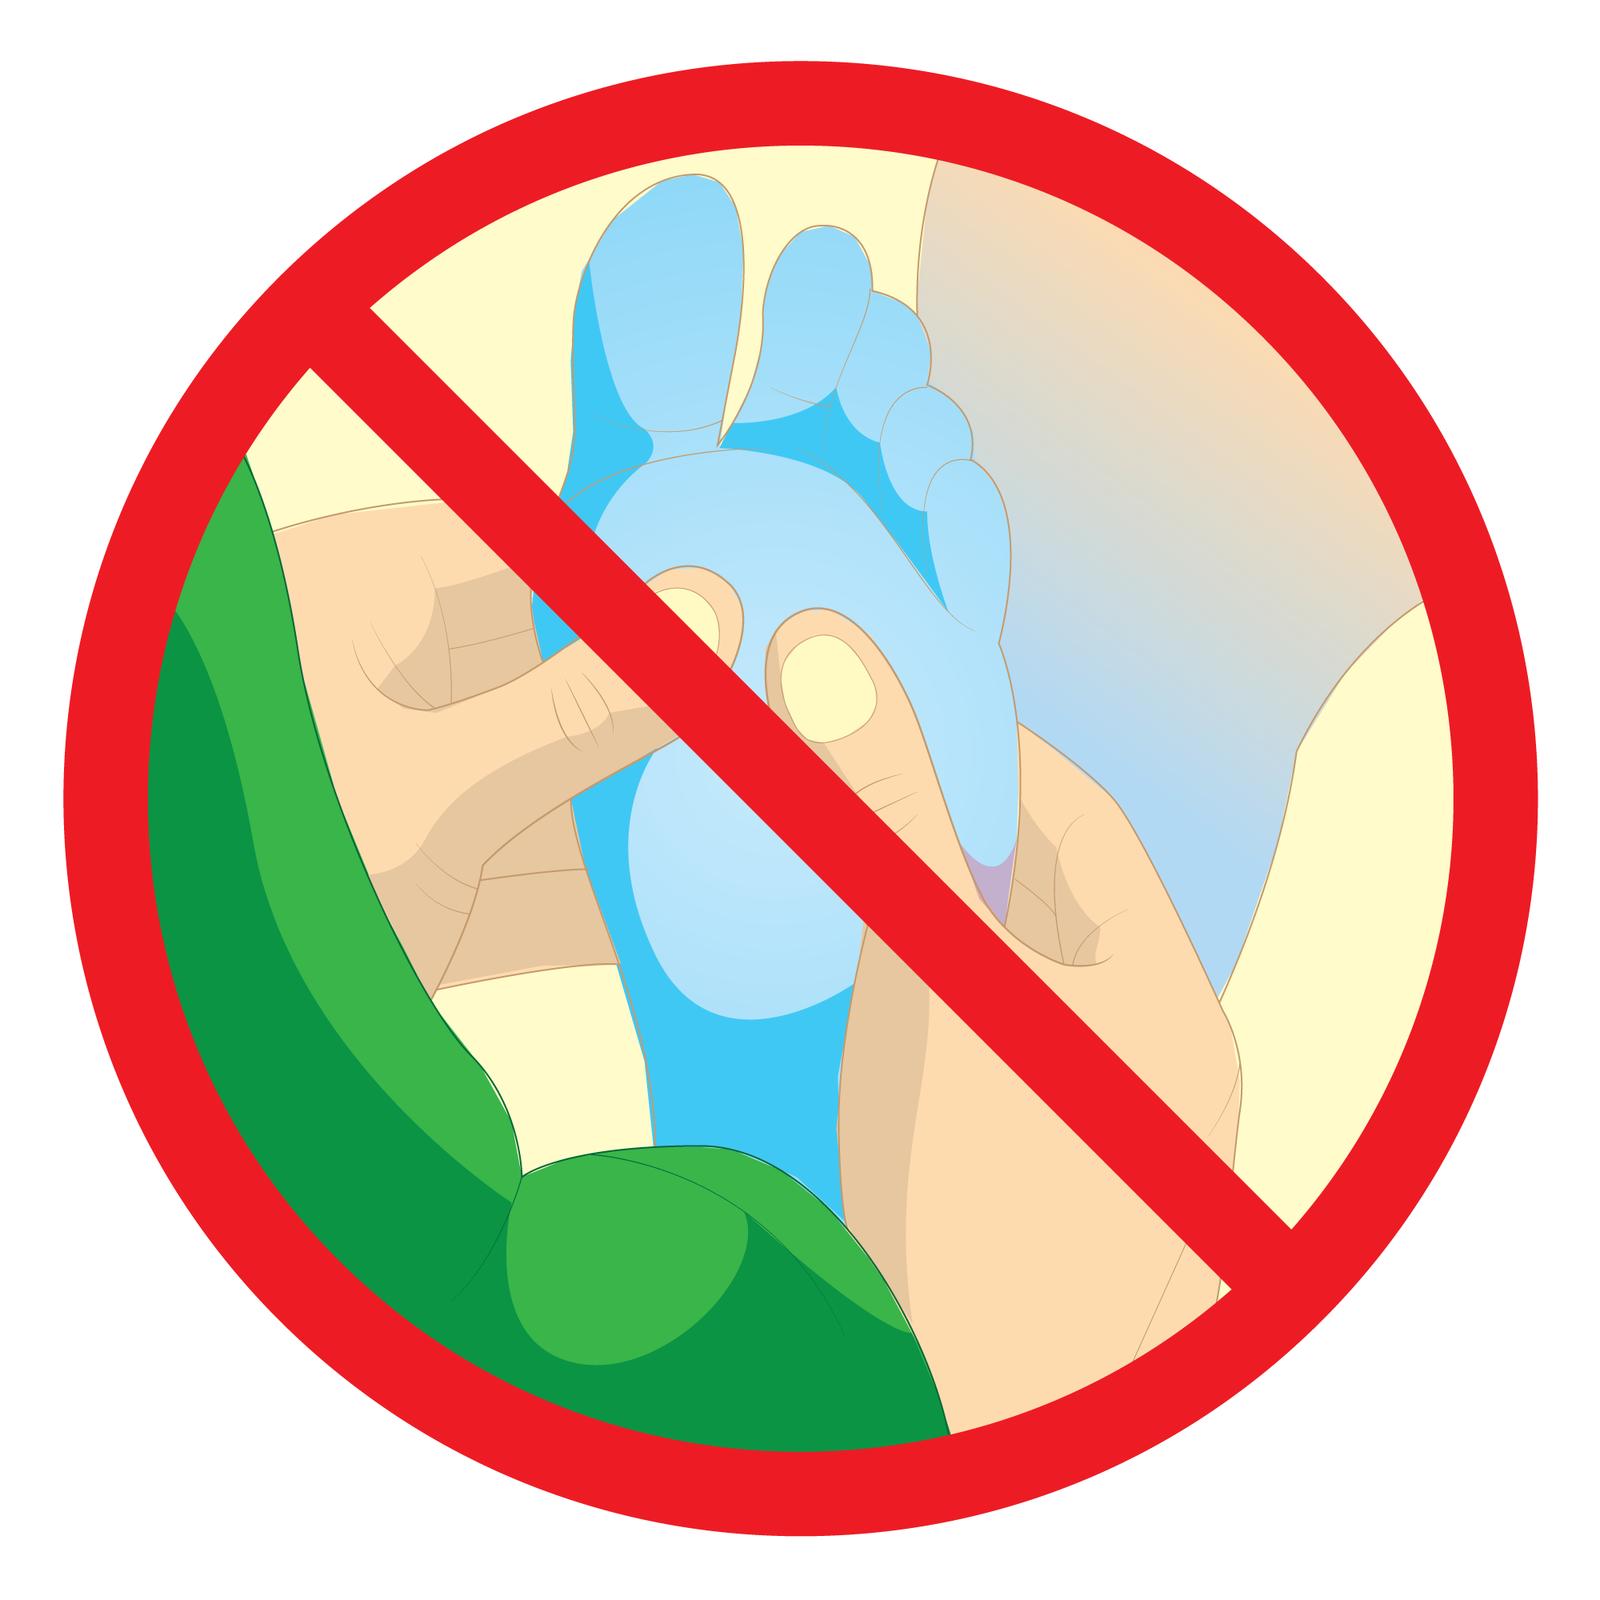 Trzeci piktogram przedstawia błękitną stopę oraz dwie dłonie masujące stopę. Dwa kciuki wspierają się na górnej części spodu stopy. Powyżej napis: nie rozcieraj, nie masuj.